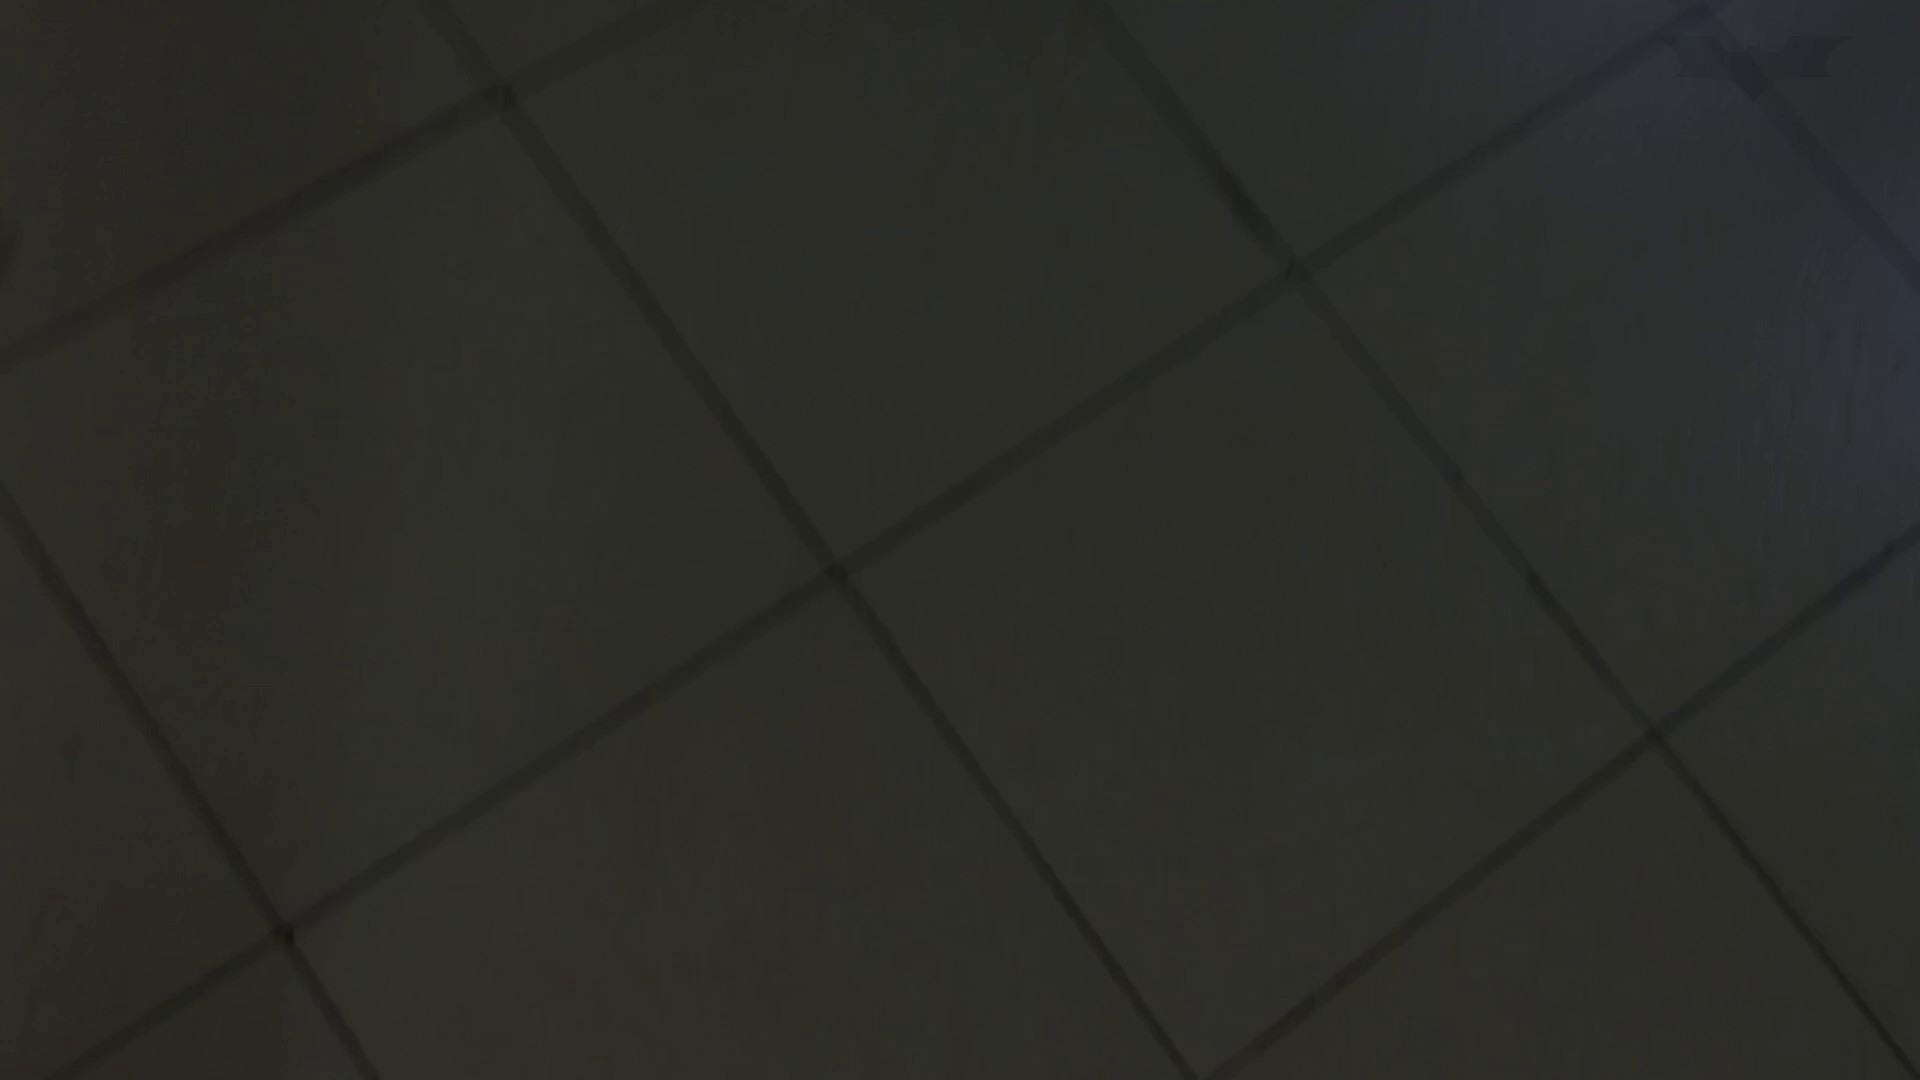 芸術大学ガチ潜入盗撮 JD盗撮 美女の洗面所の秘密 Vol.91 盗撮 | 高画質  97画像 3